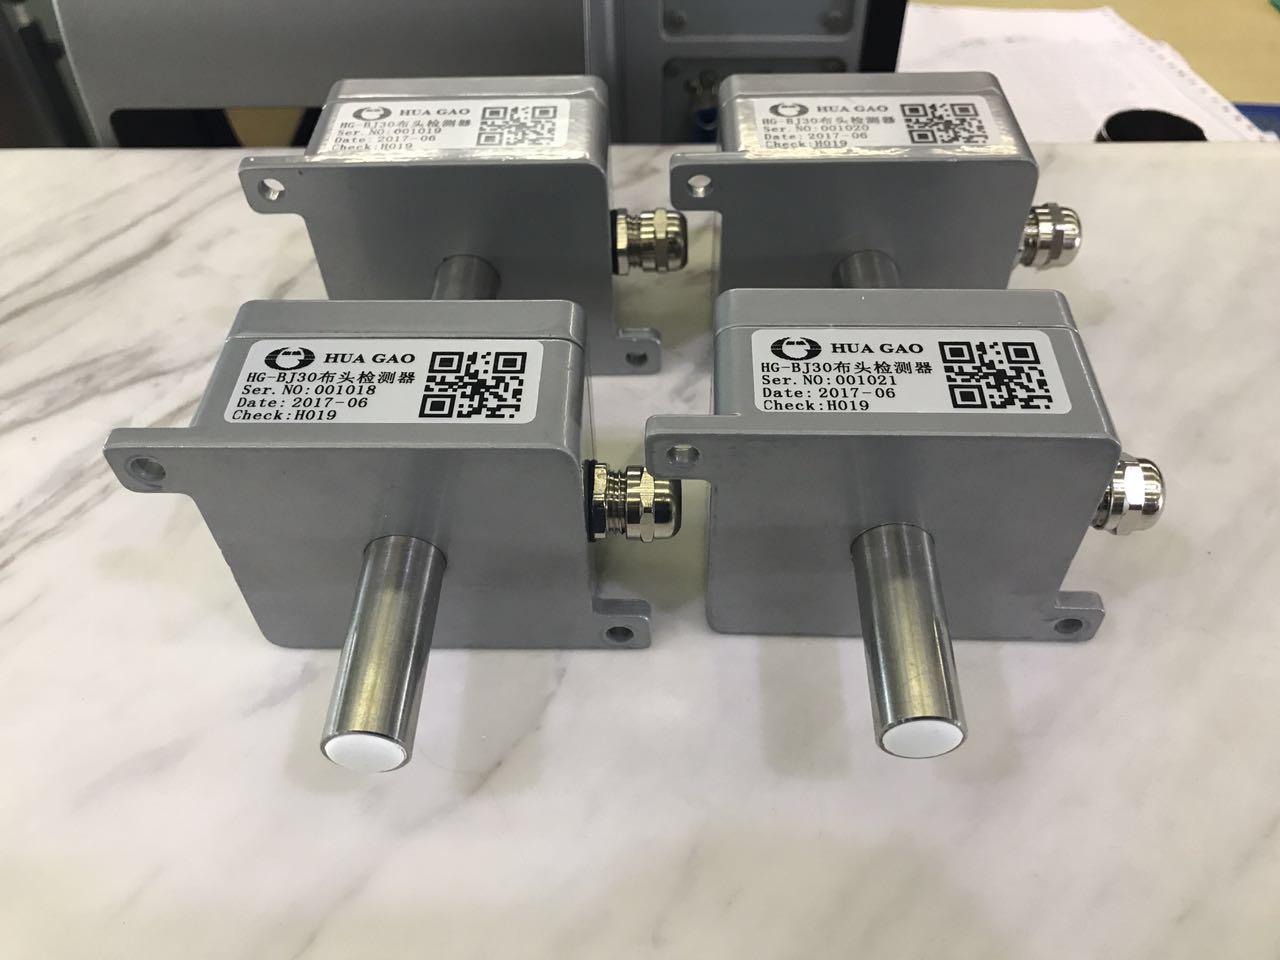 Fabric seam detector